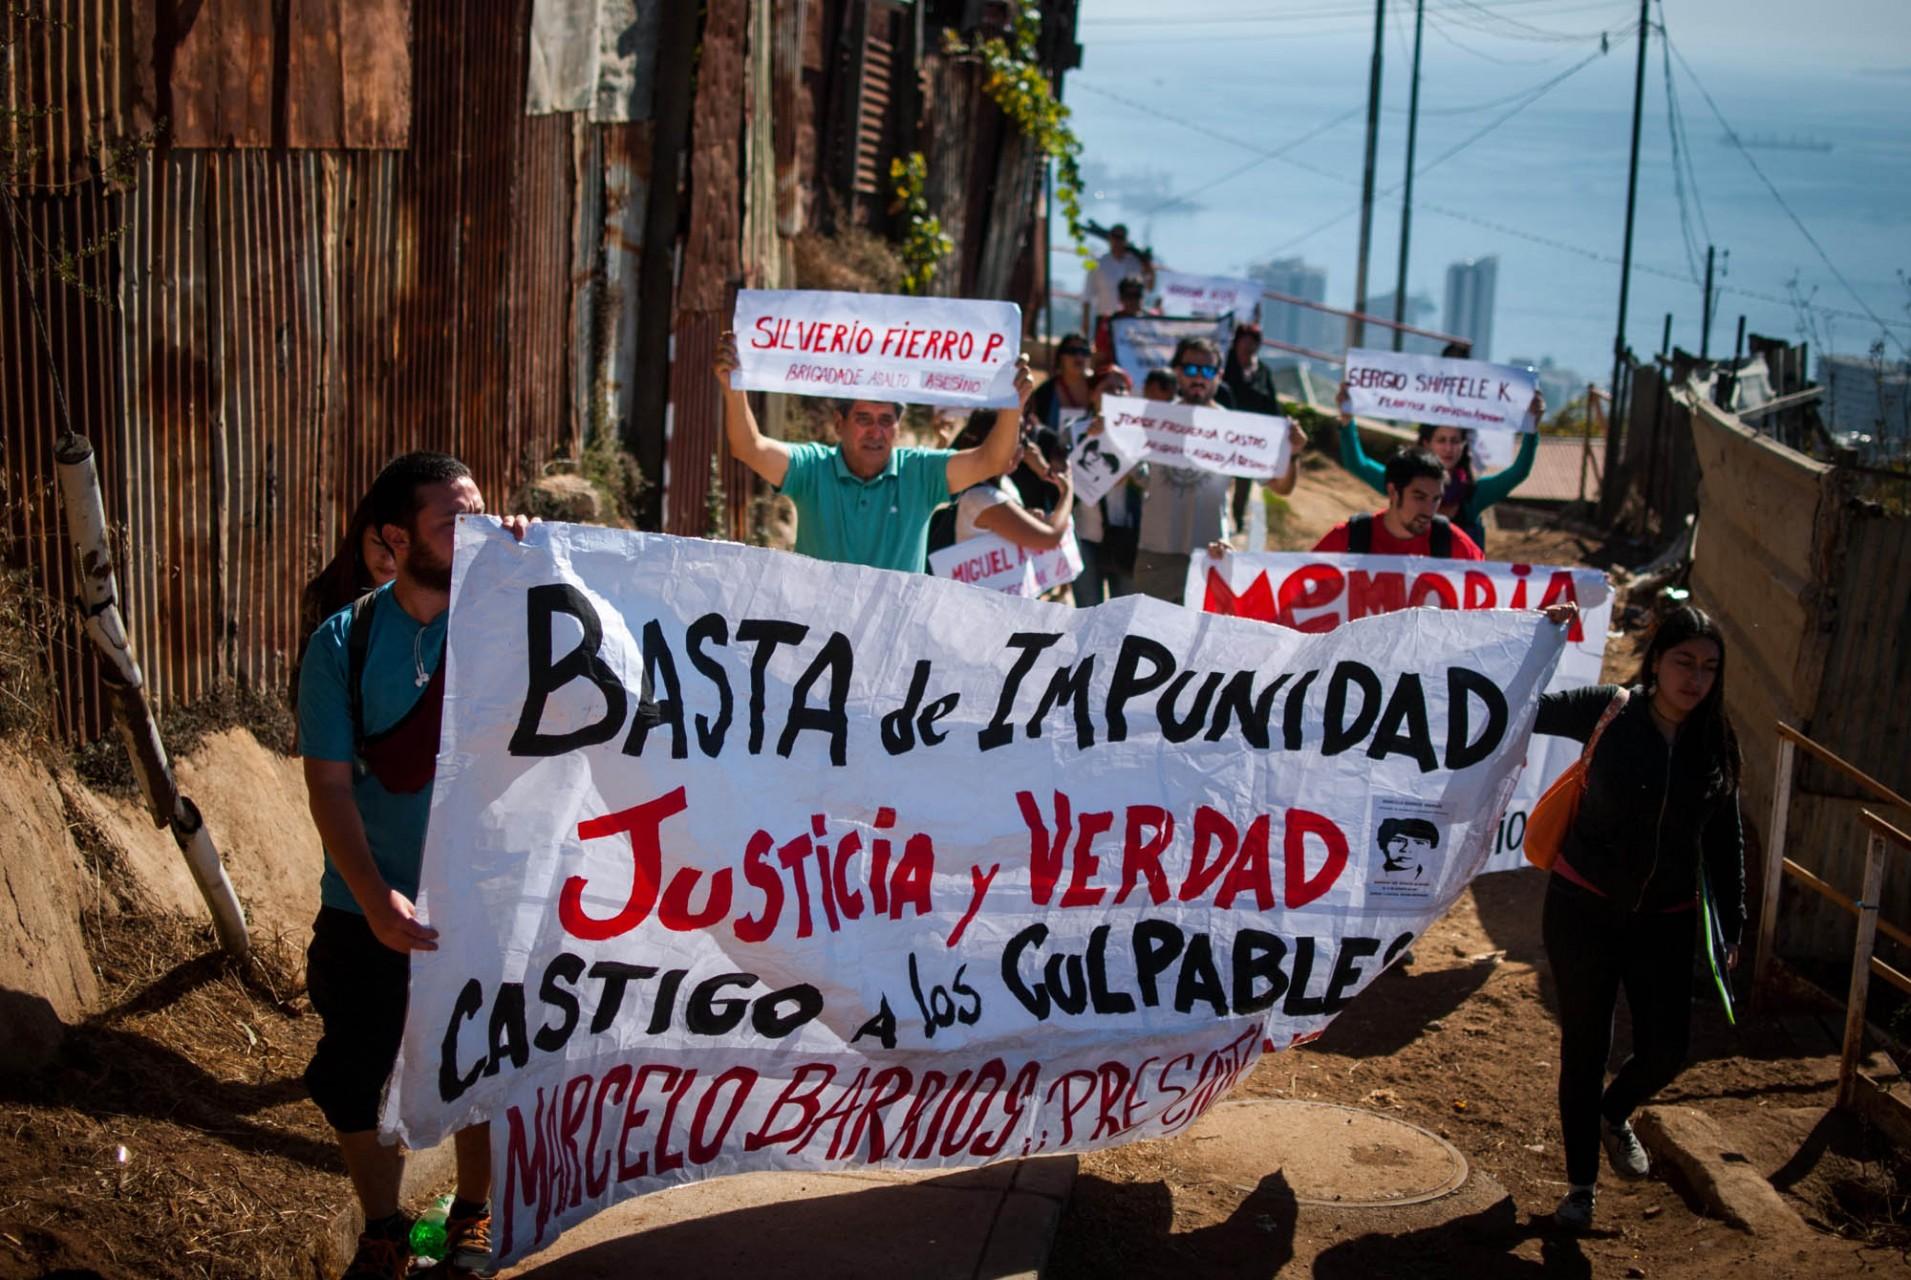 Distintas organizaciones se dieron cita para manifestar su molestia por tantos años de impunidad y su esperanza de ver justicia en los próximos meses.